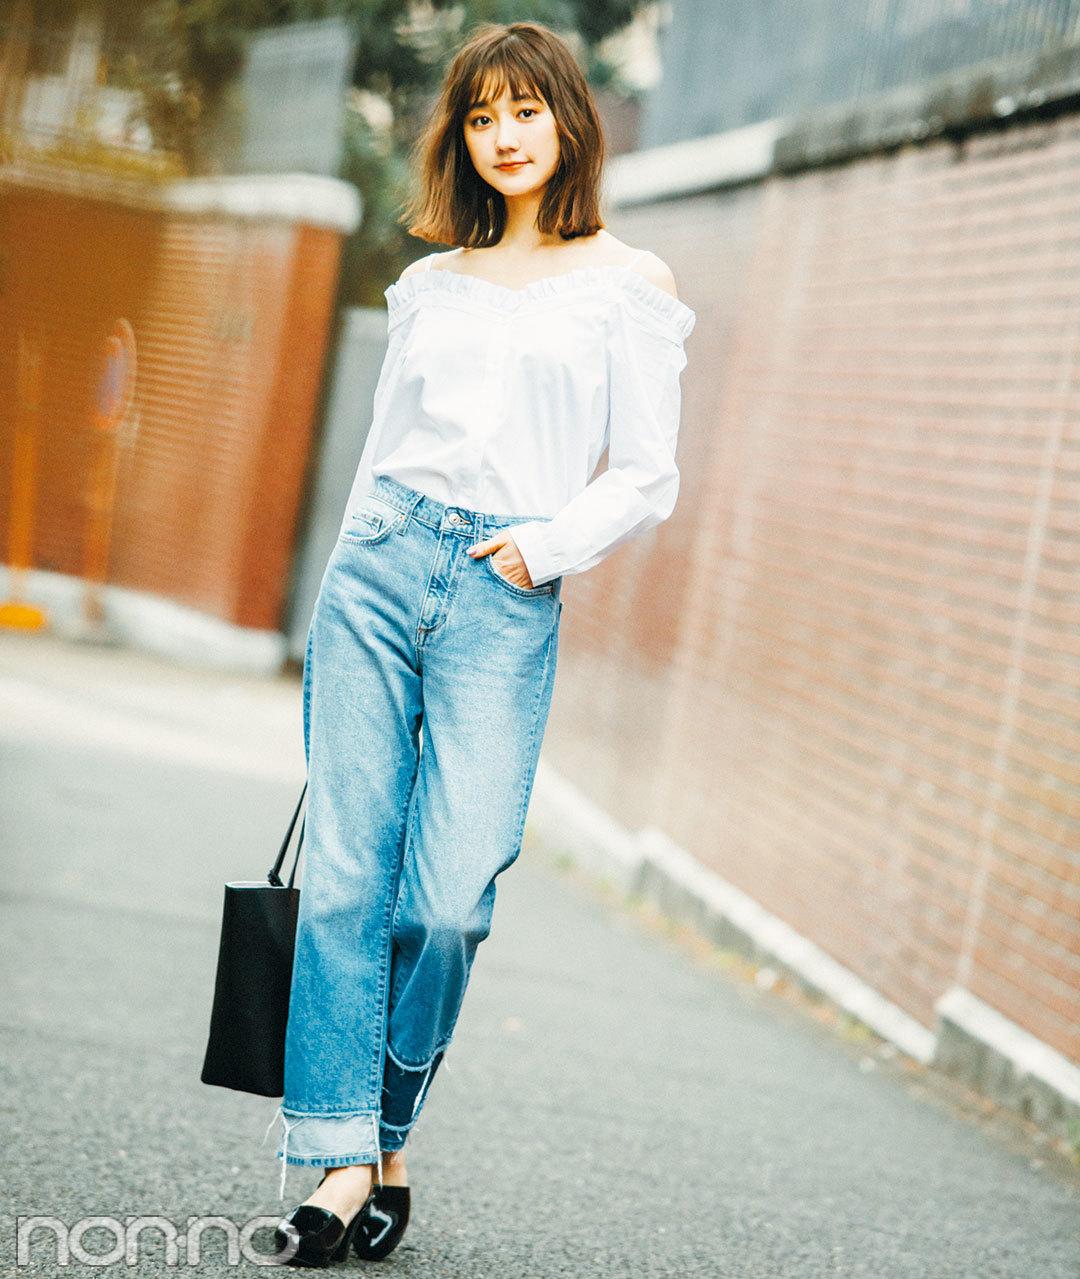 H&Mで通学コーデ☆上下で¥6480~¥9258! 今季のBEST5スタイルはコレ♡_1_1